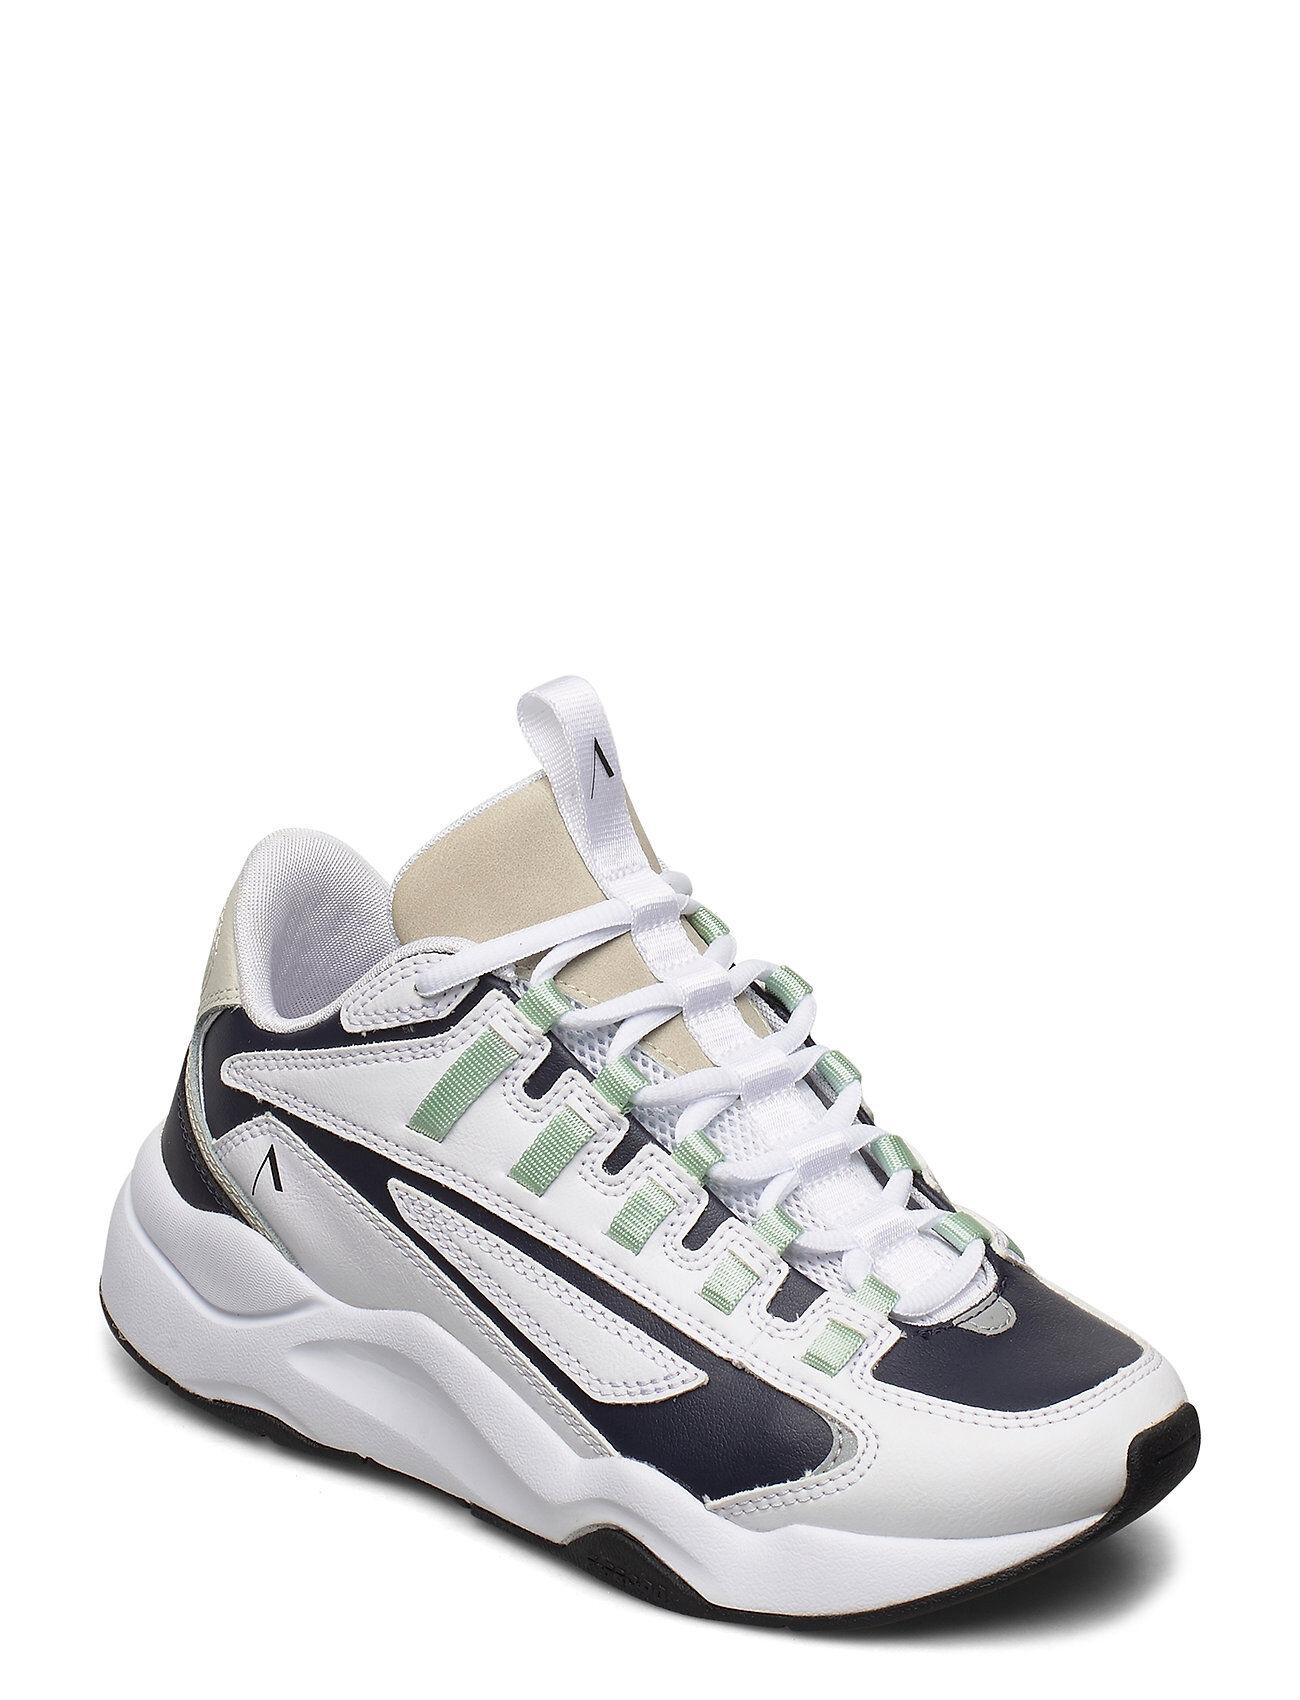 ARKK Copenhagen Apaze Leather F-Pro 90 White Silver Matalavartiset Sneakerit Tennarit Valkoinen ARKK Copenhagen